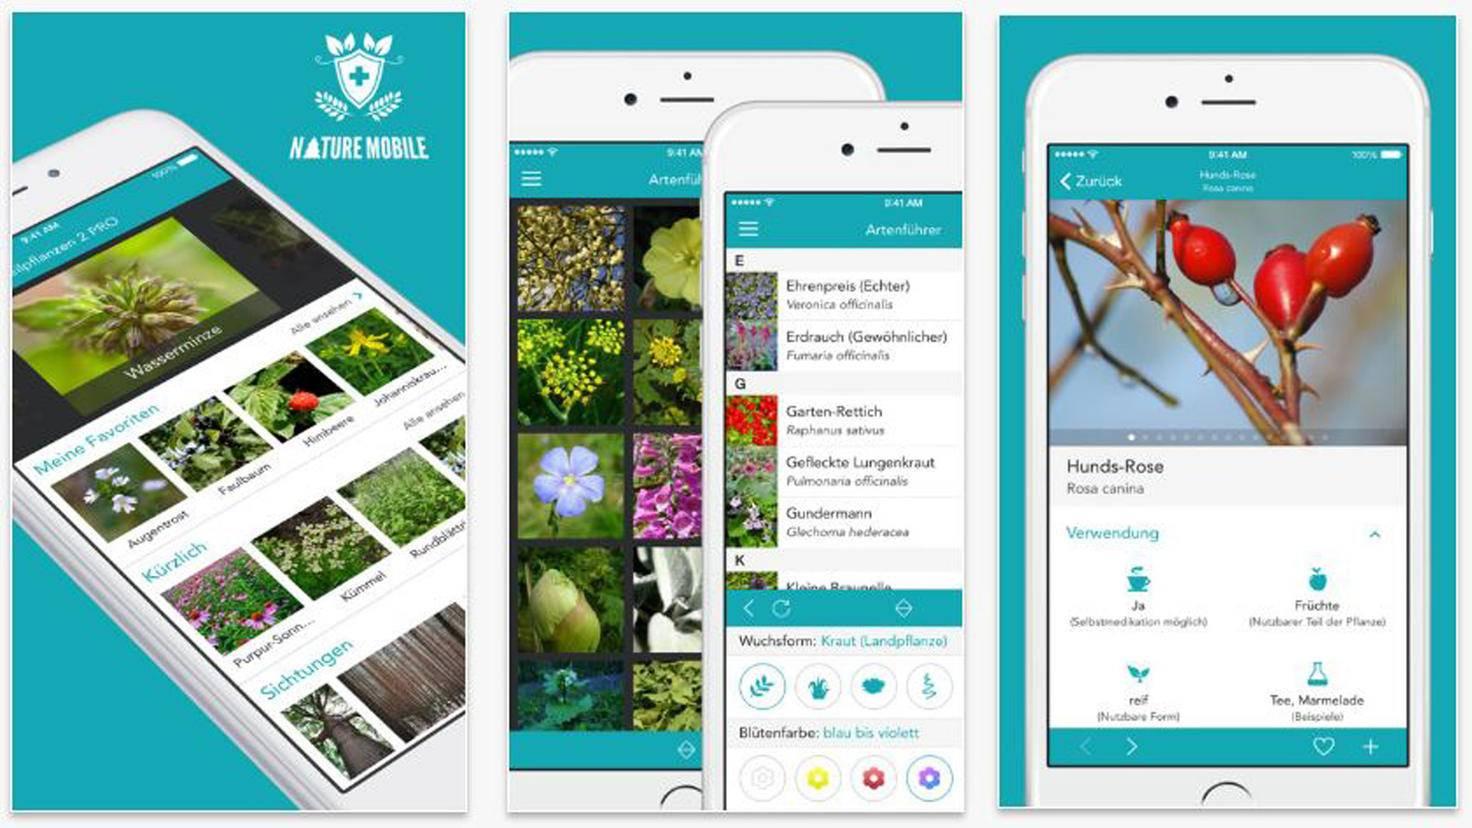 Heilpflanzen 2 Pro - Das Nachschlagewerk-iTunes-Nature Mobile